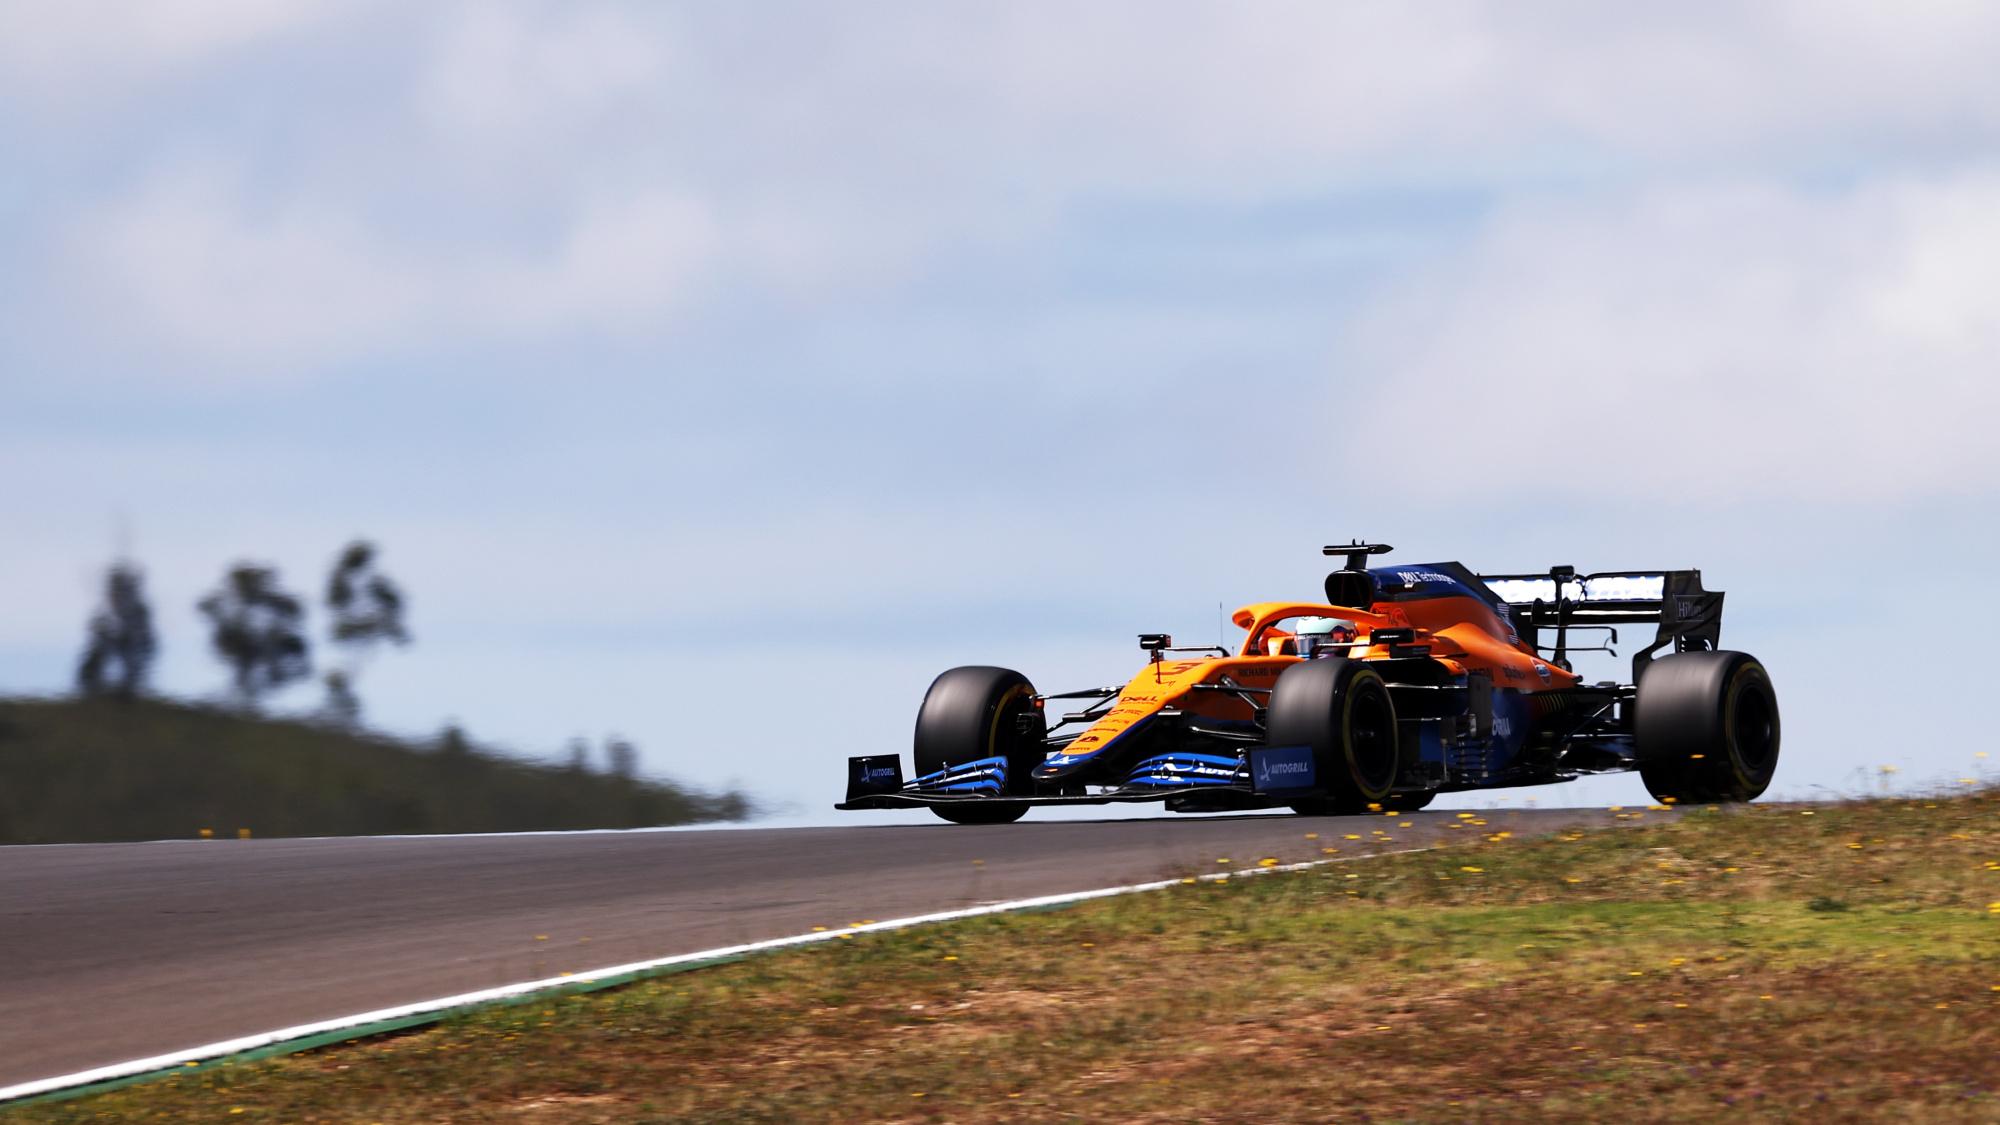 Daniel Ricciardo, 2021 Portuguese Grand Prix